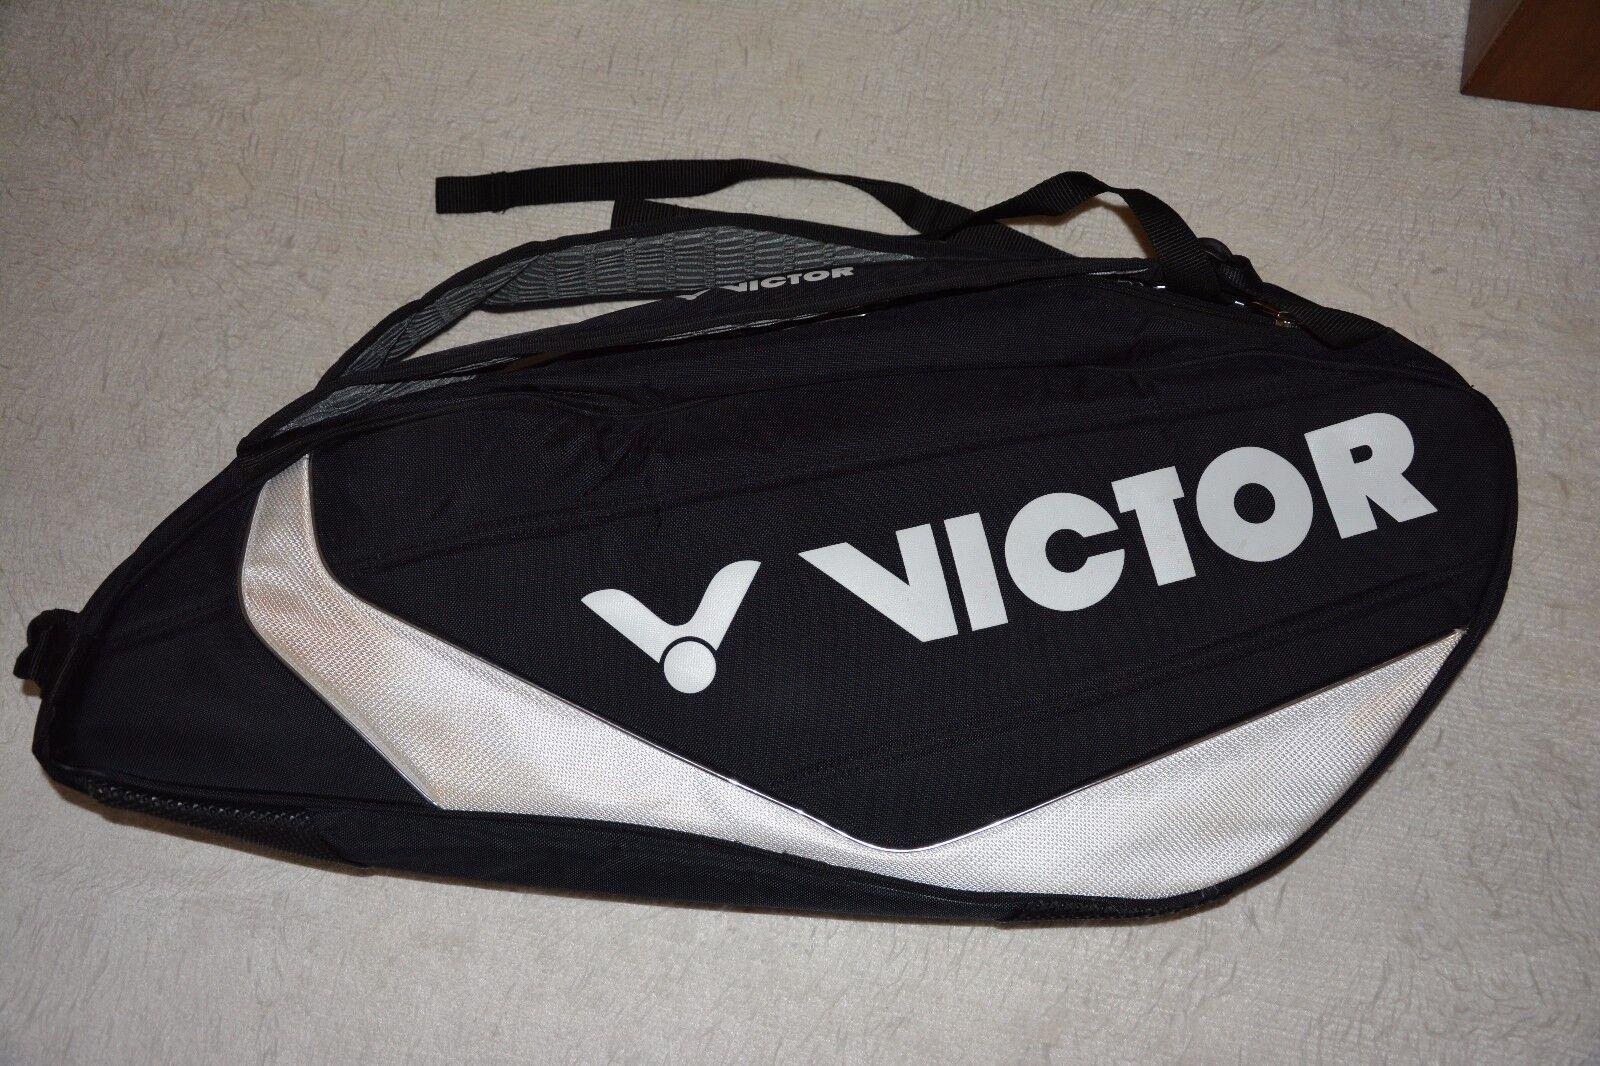 Badminton-Tasche Victor | gebraucht, aber sehr guter Zustand